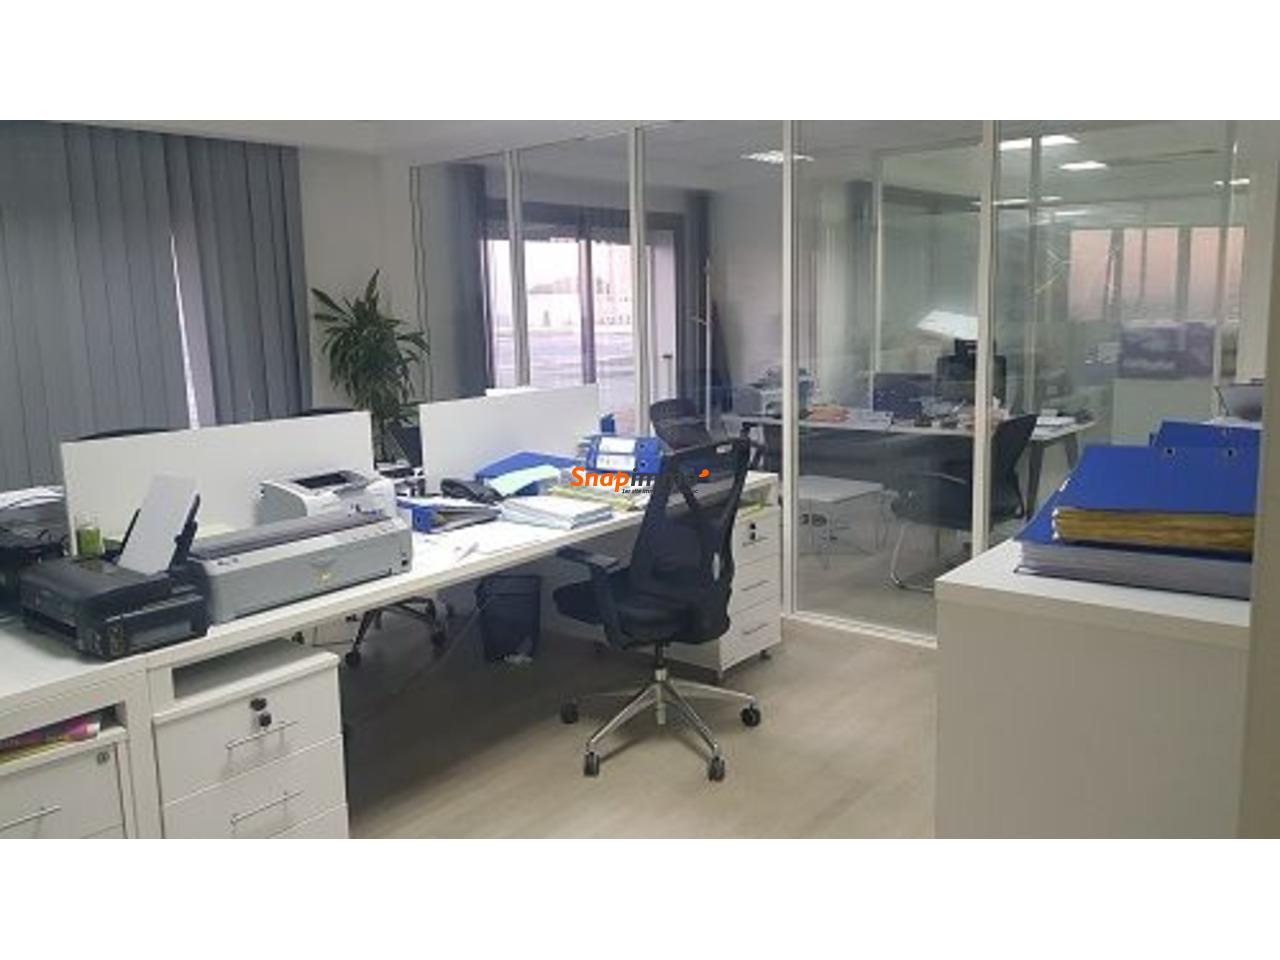 Bureau LPB 505 de 347 m2 à LA CORNICHE - 4/4